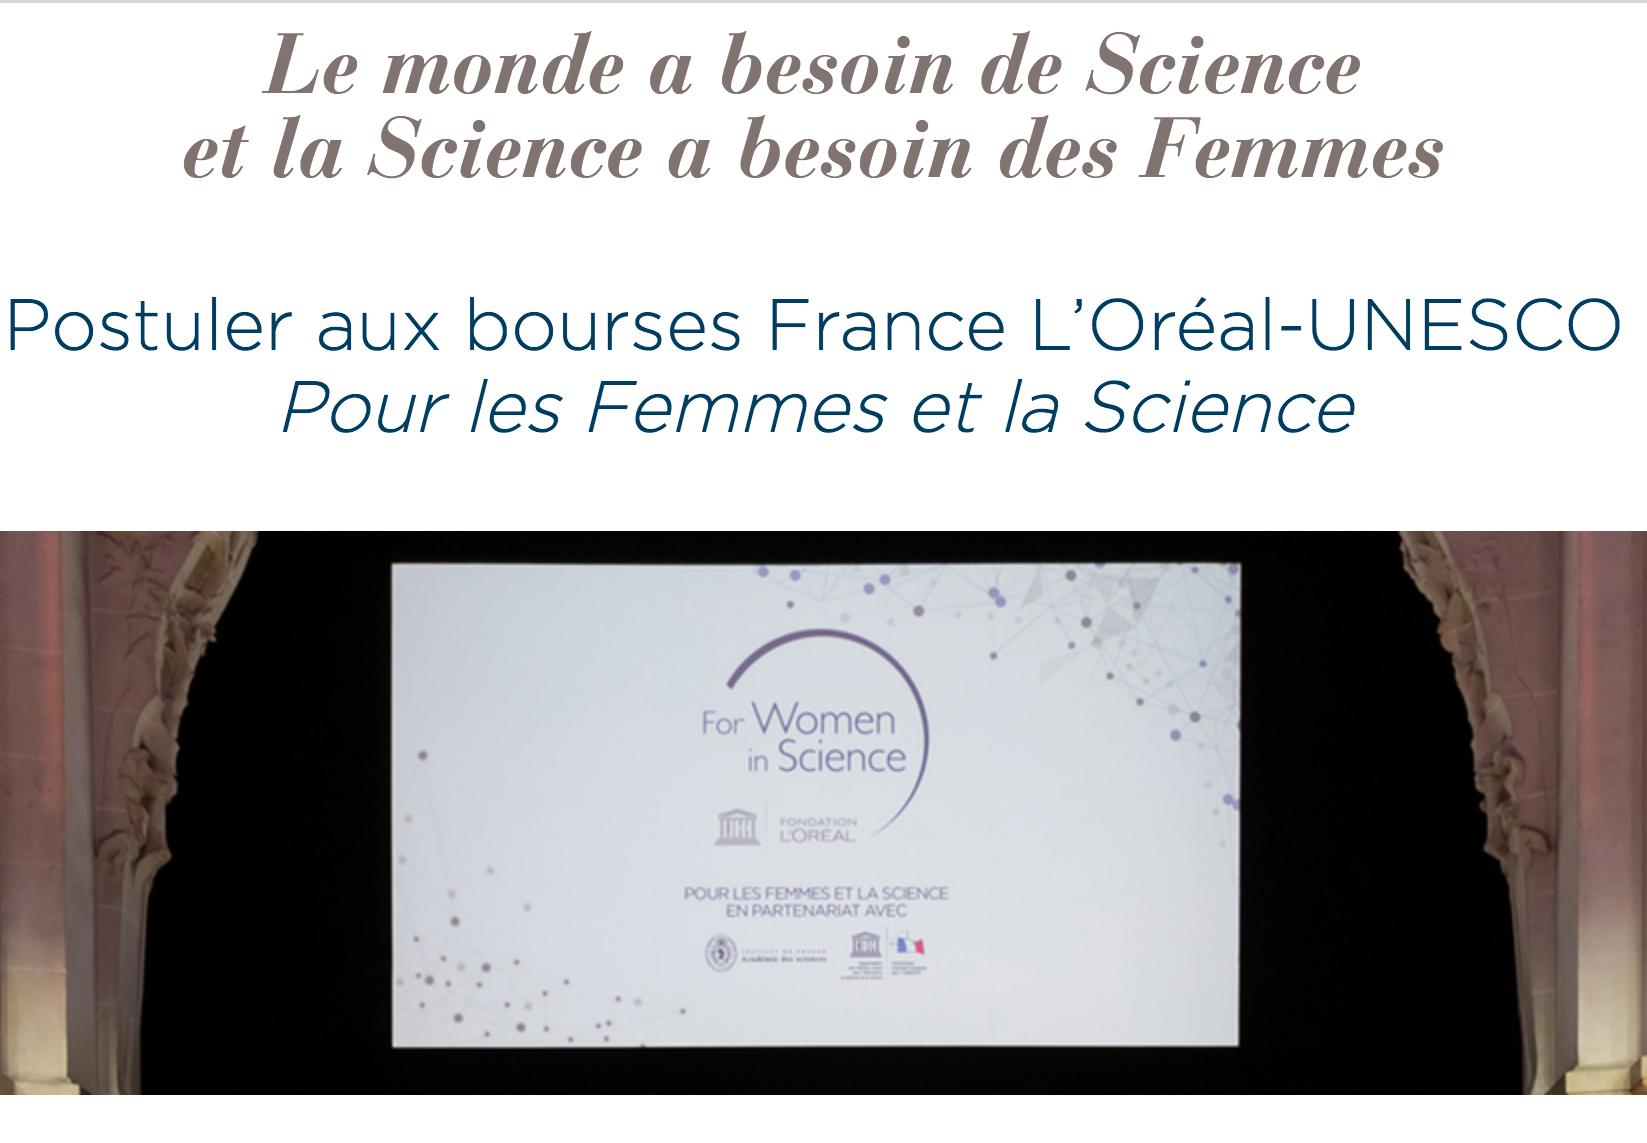 Bourses France L'Oréal-UNESCO